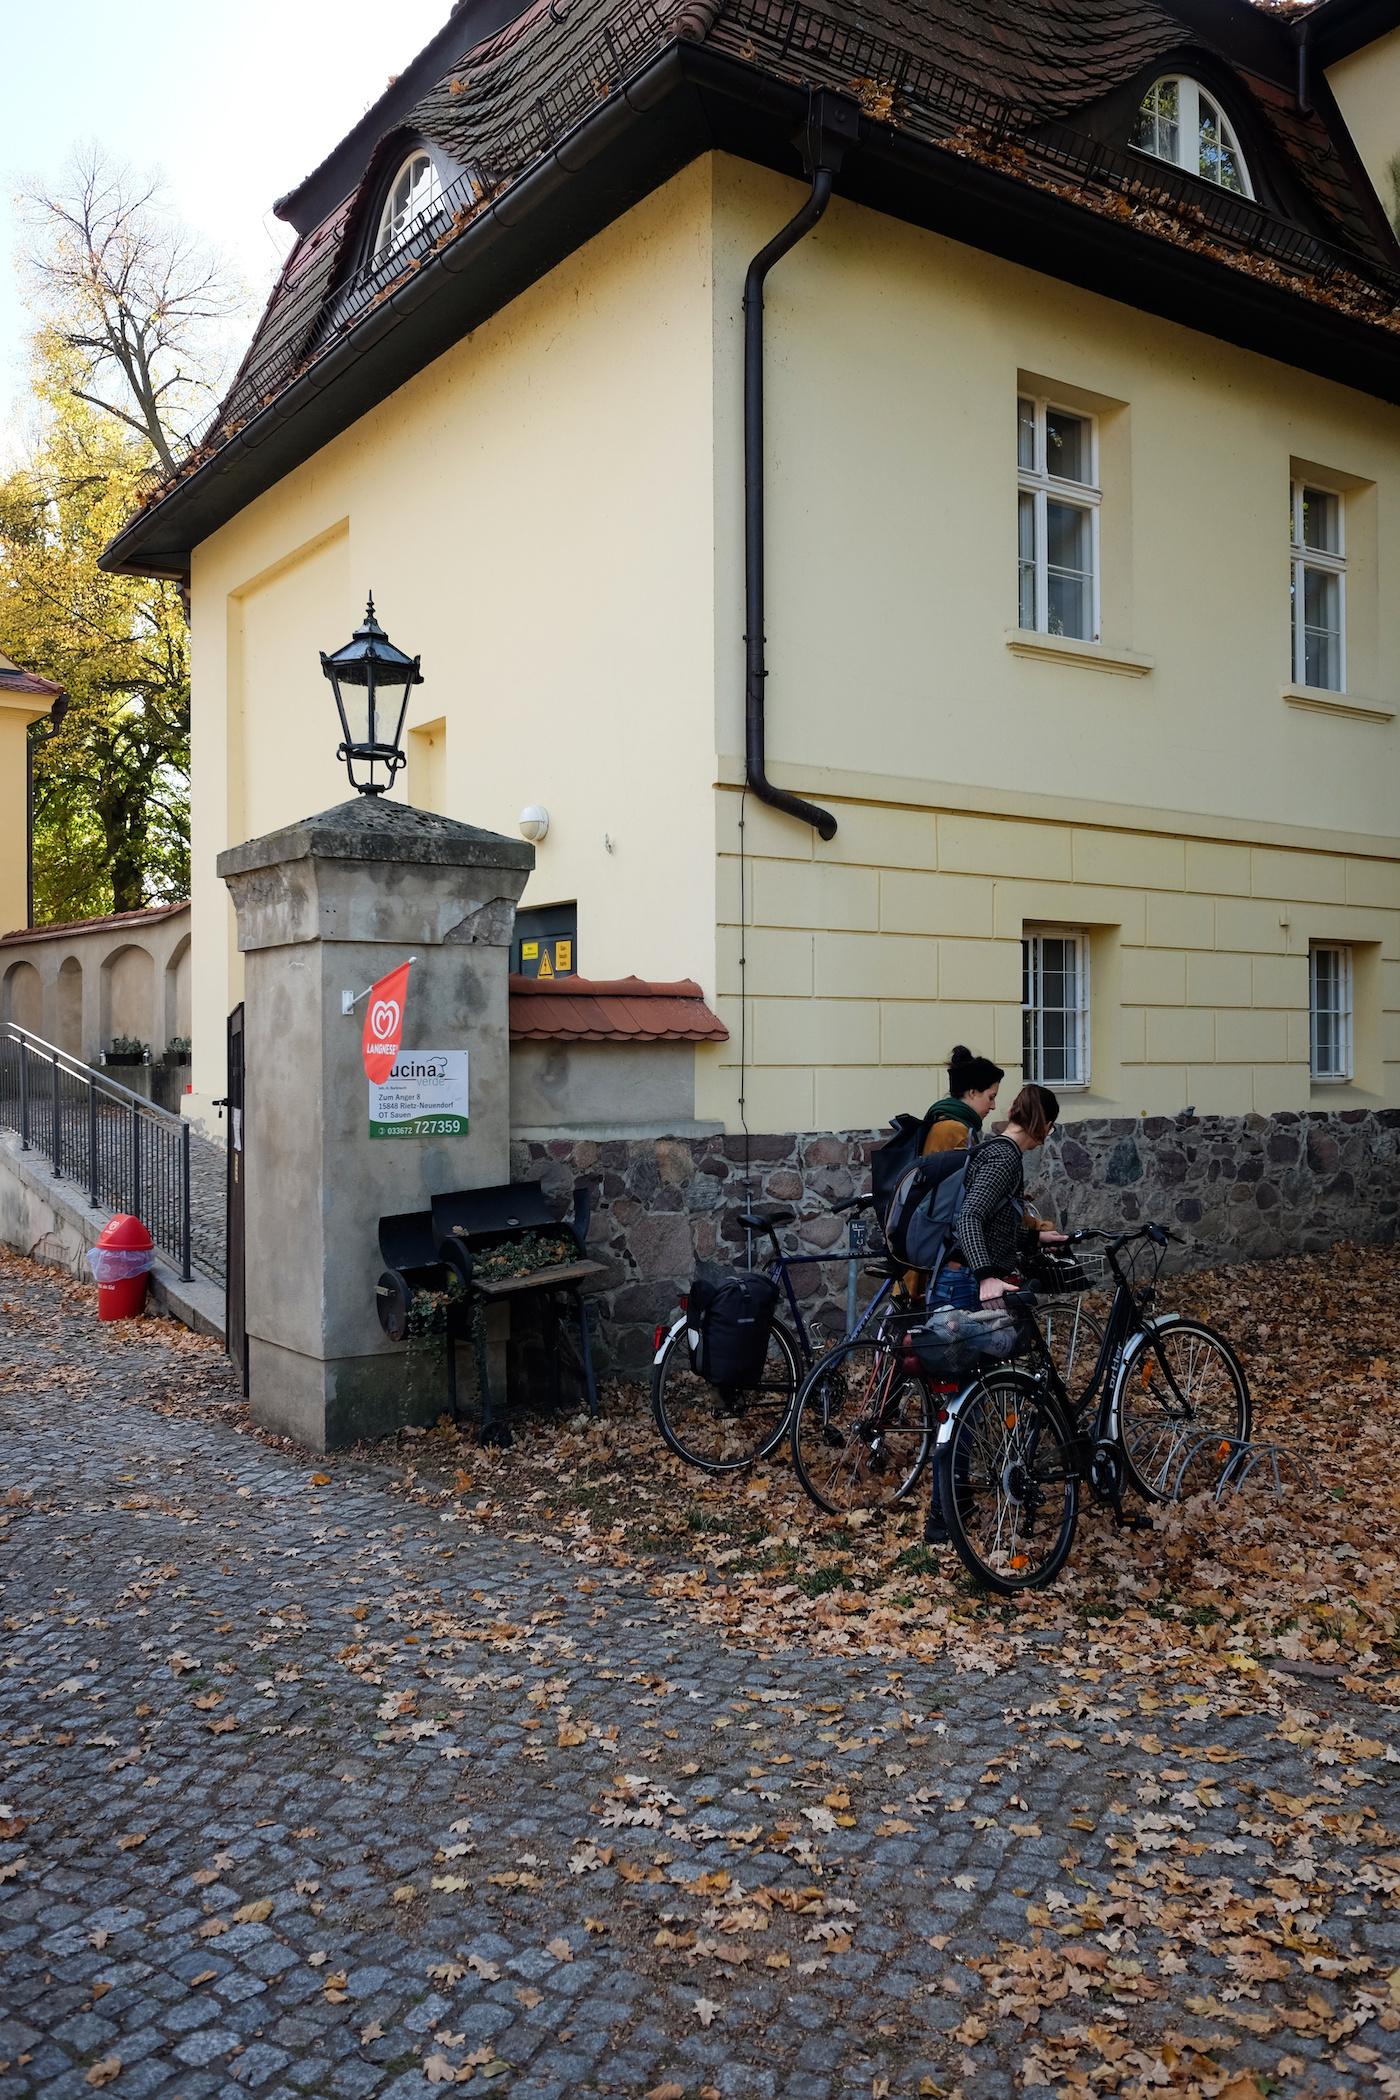 Beeskow__Sauen_wecyclebrandenburg21.JPG